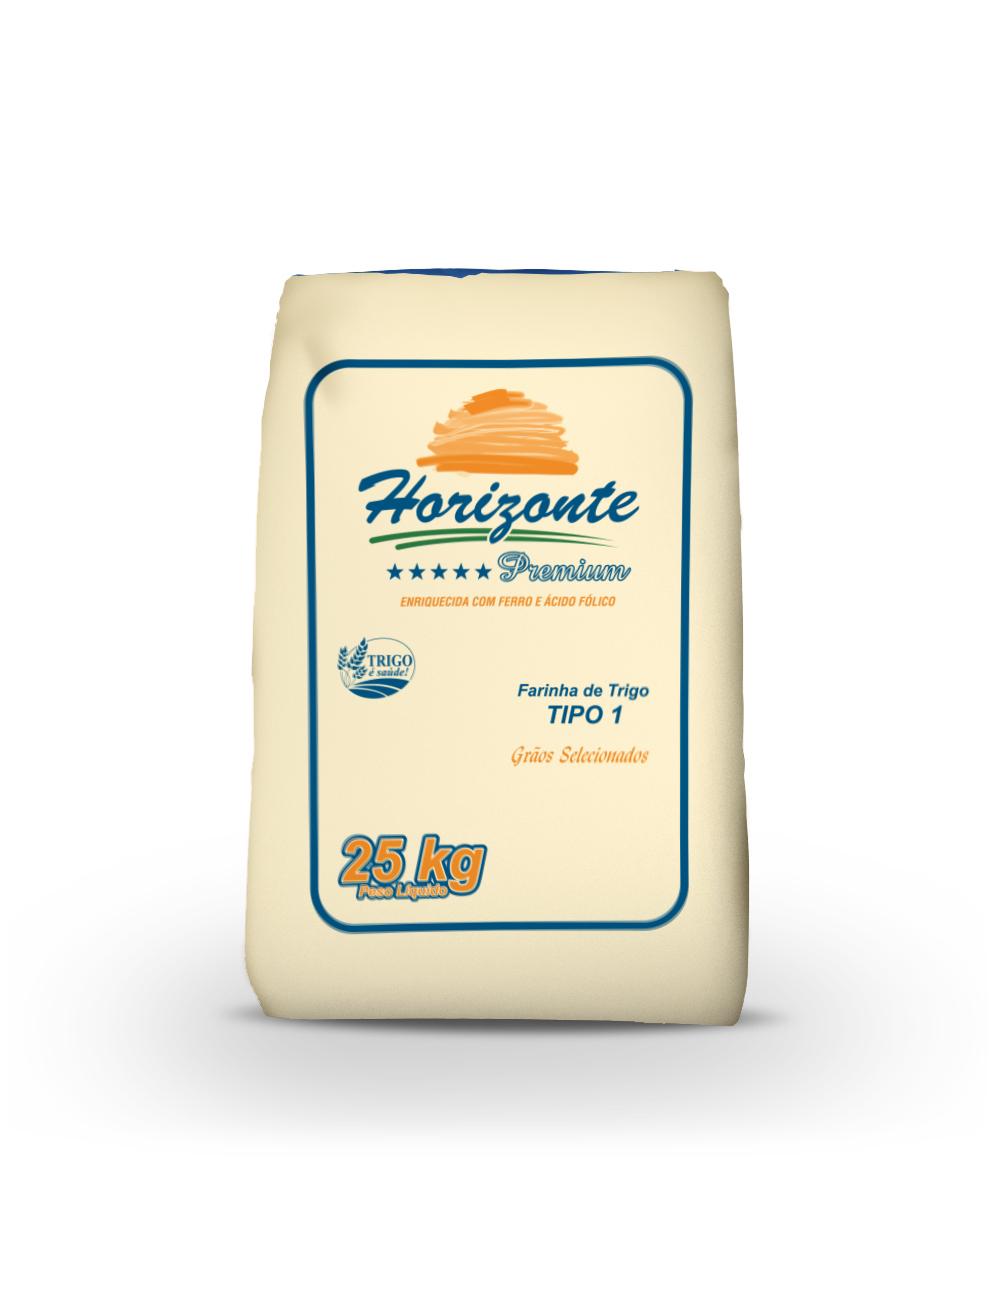 Farinha de Trigo Horizonte Premium